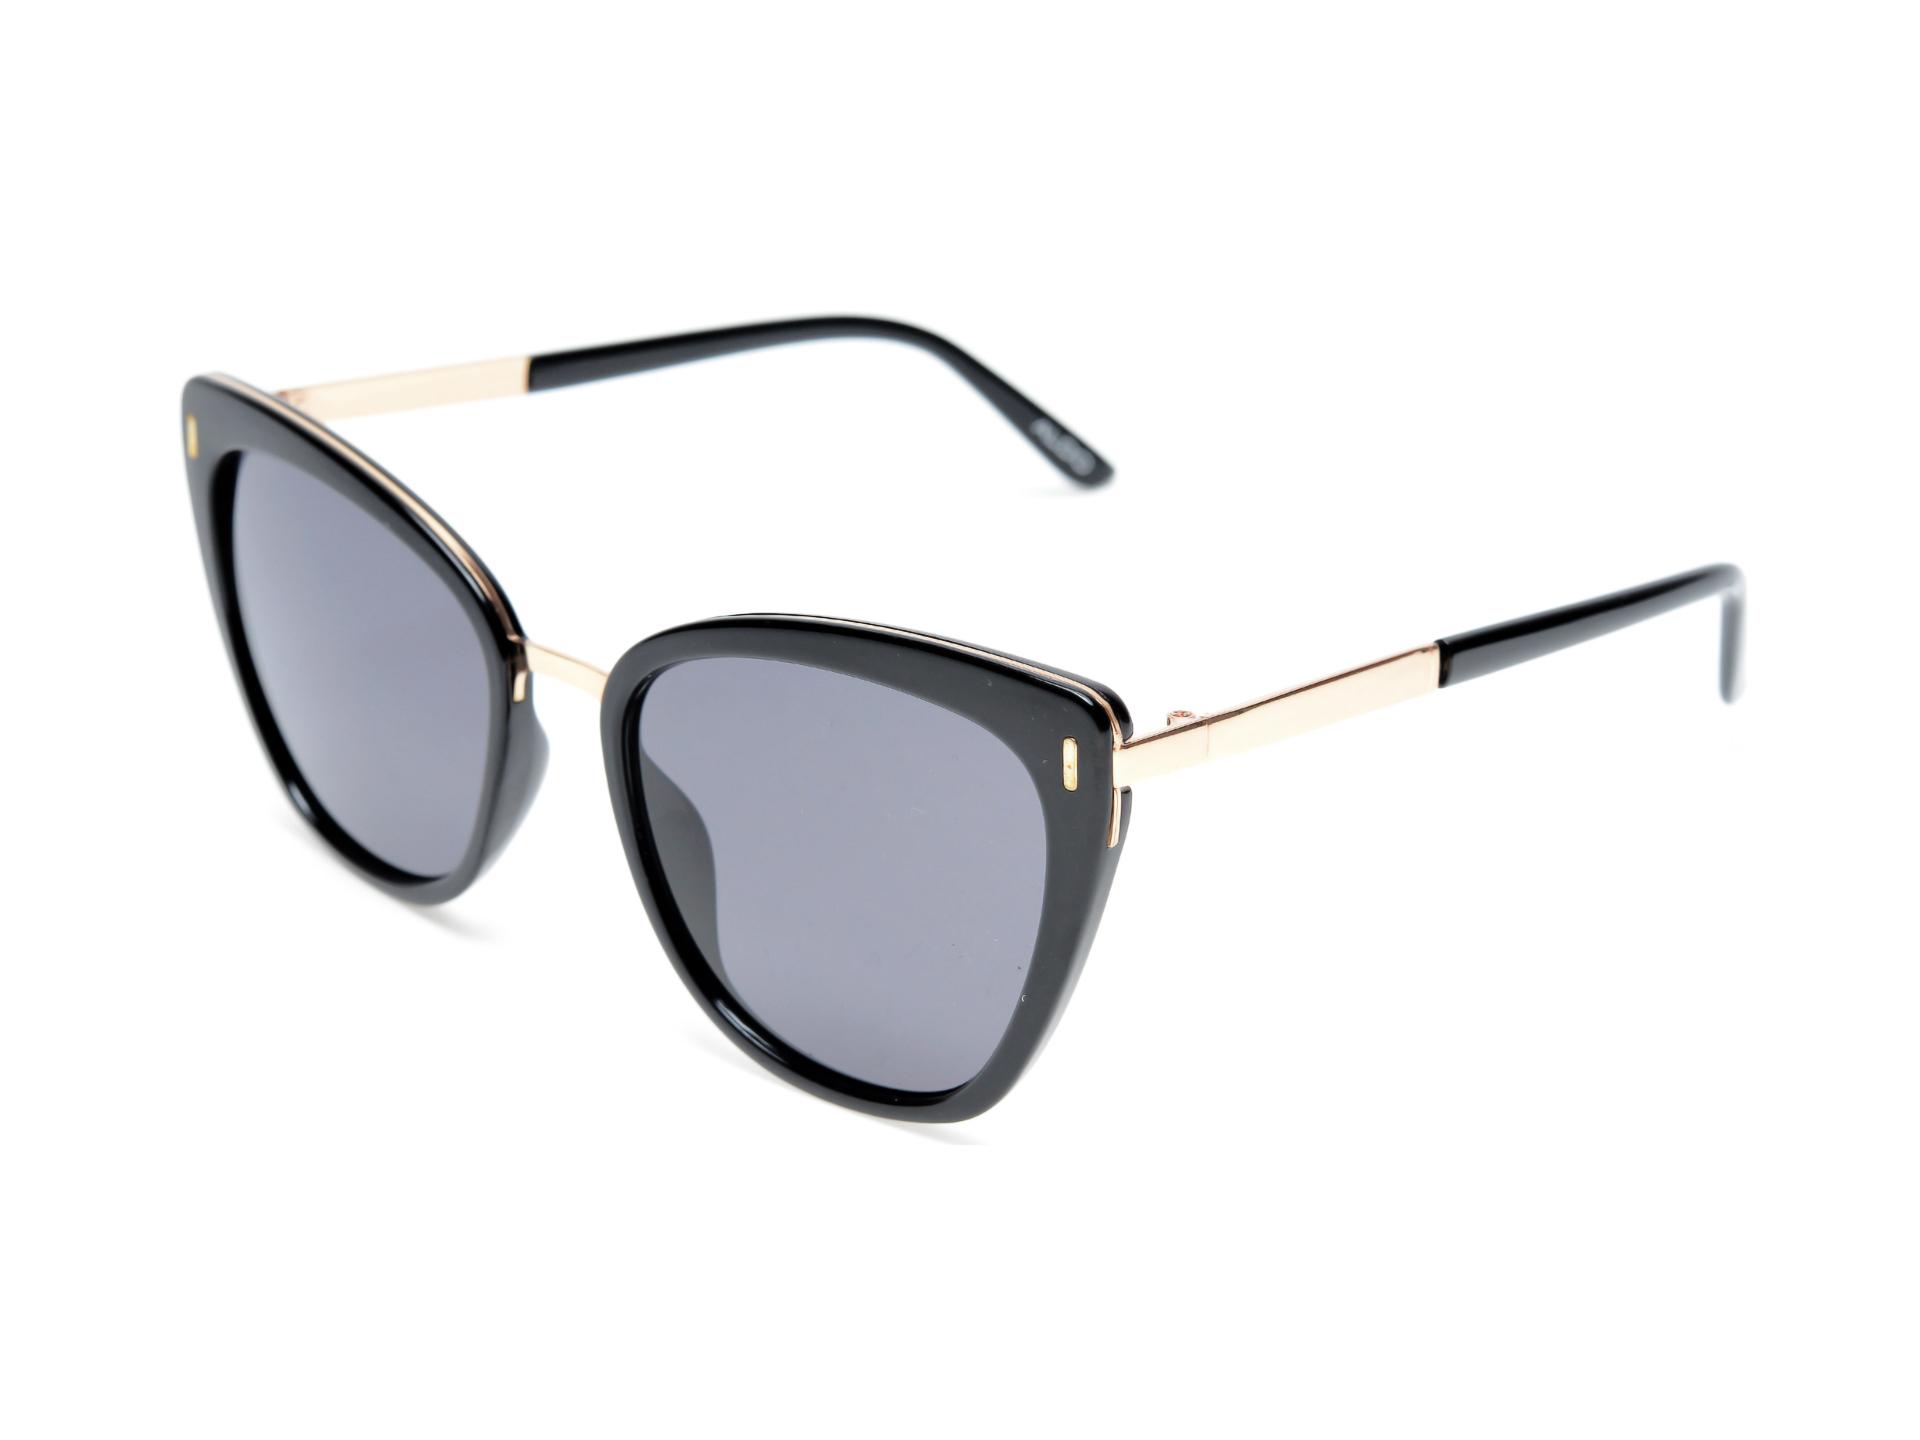 Ochelari de soare ALDO negri, Lawsonia970, din pvc imagine